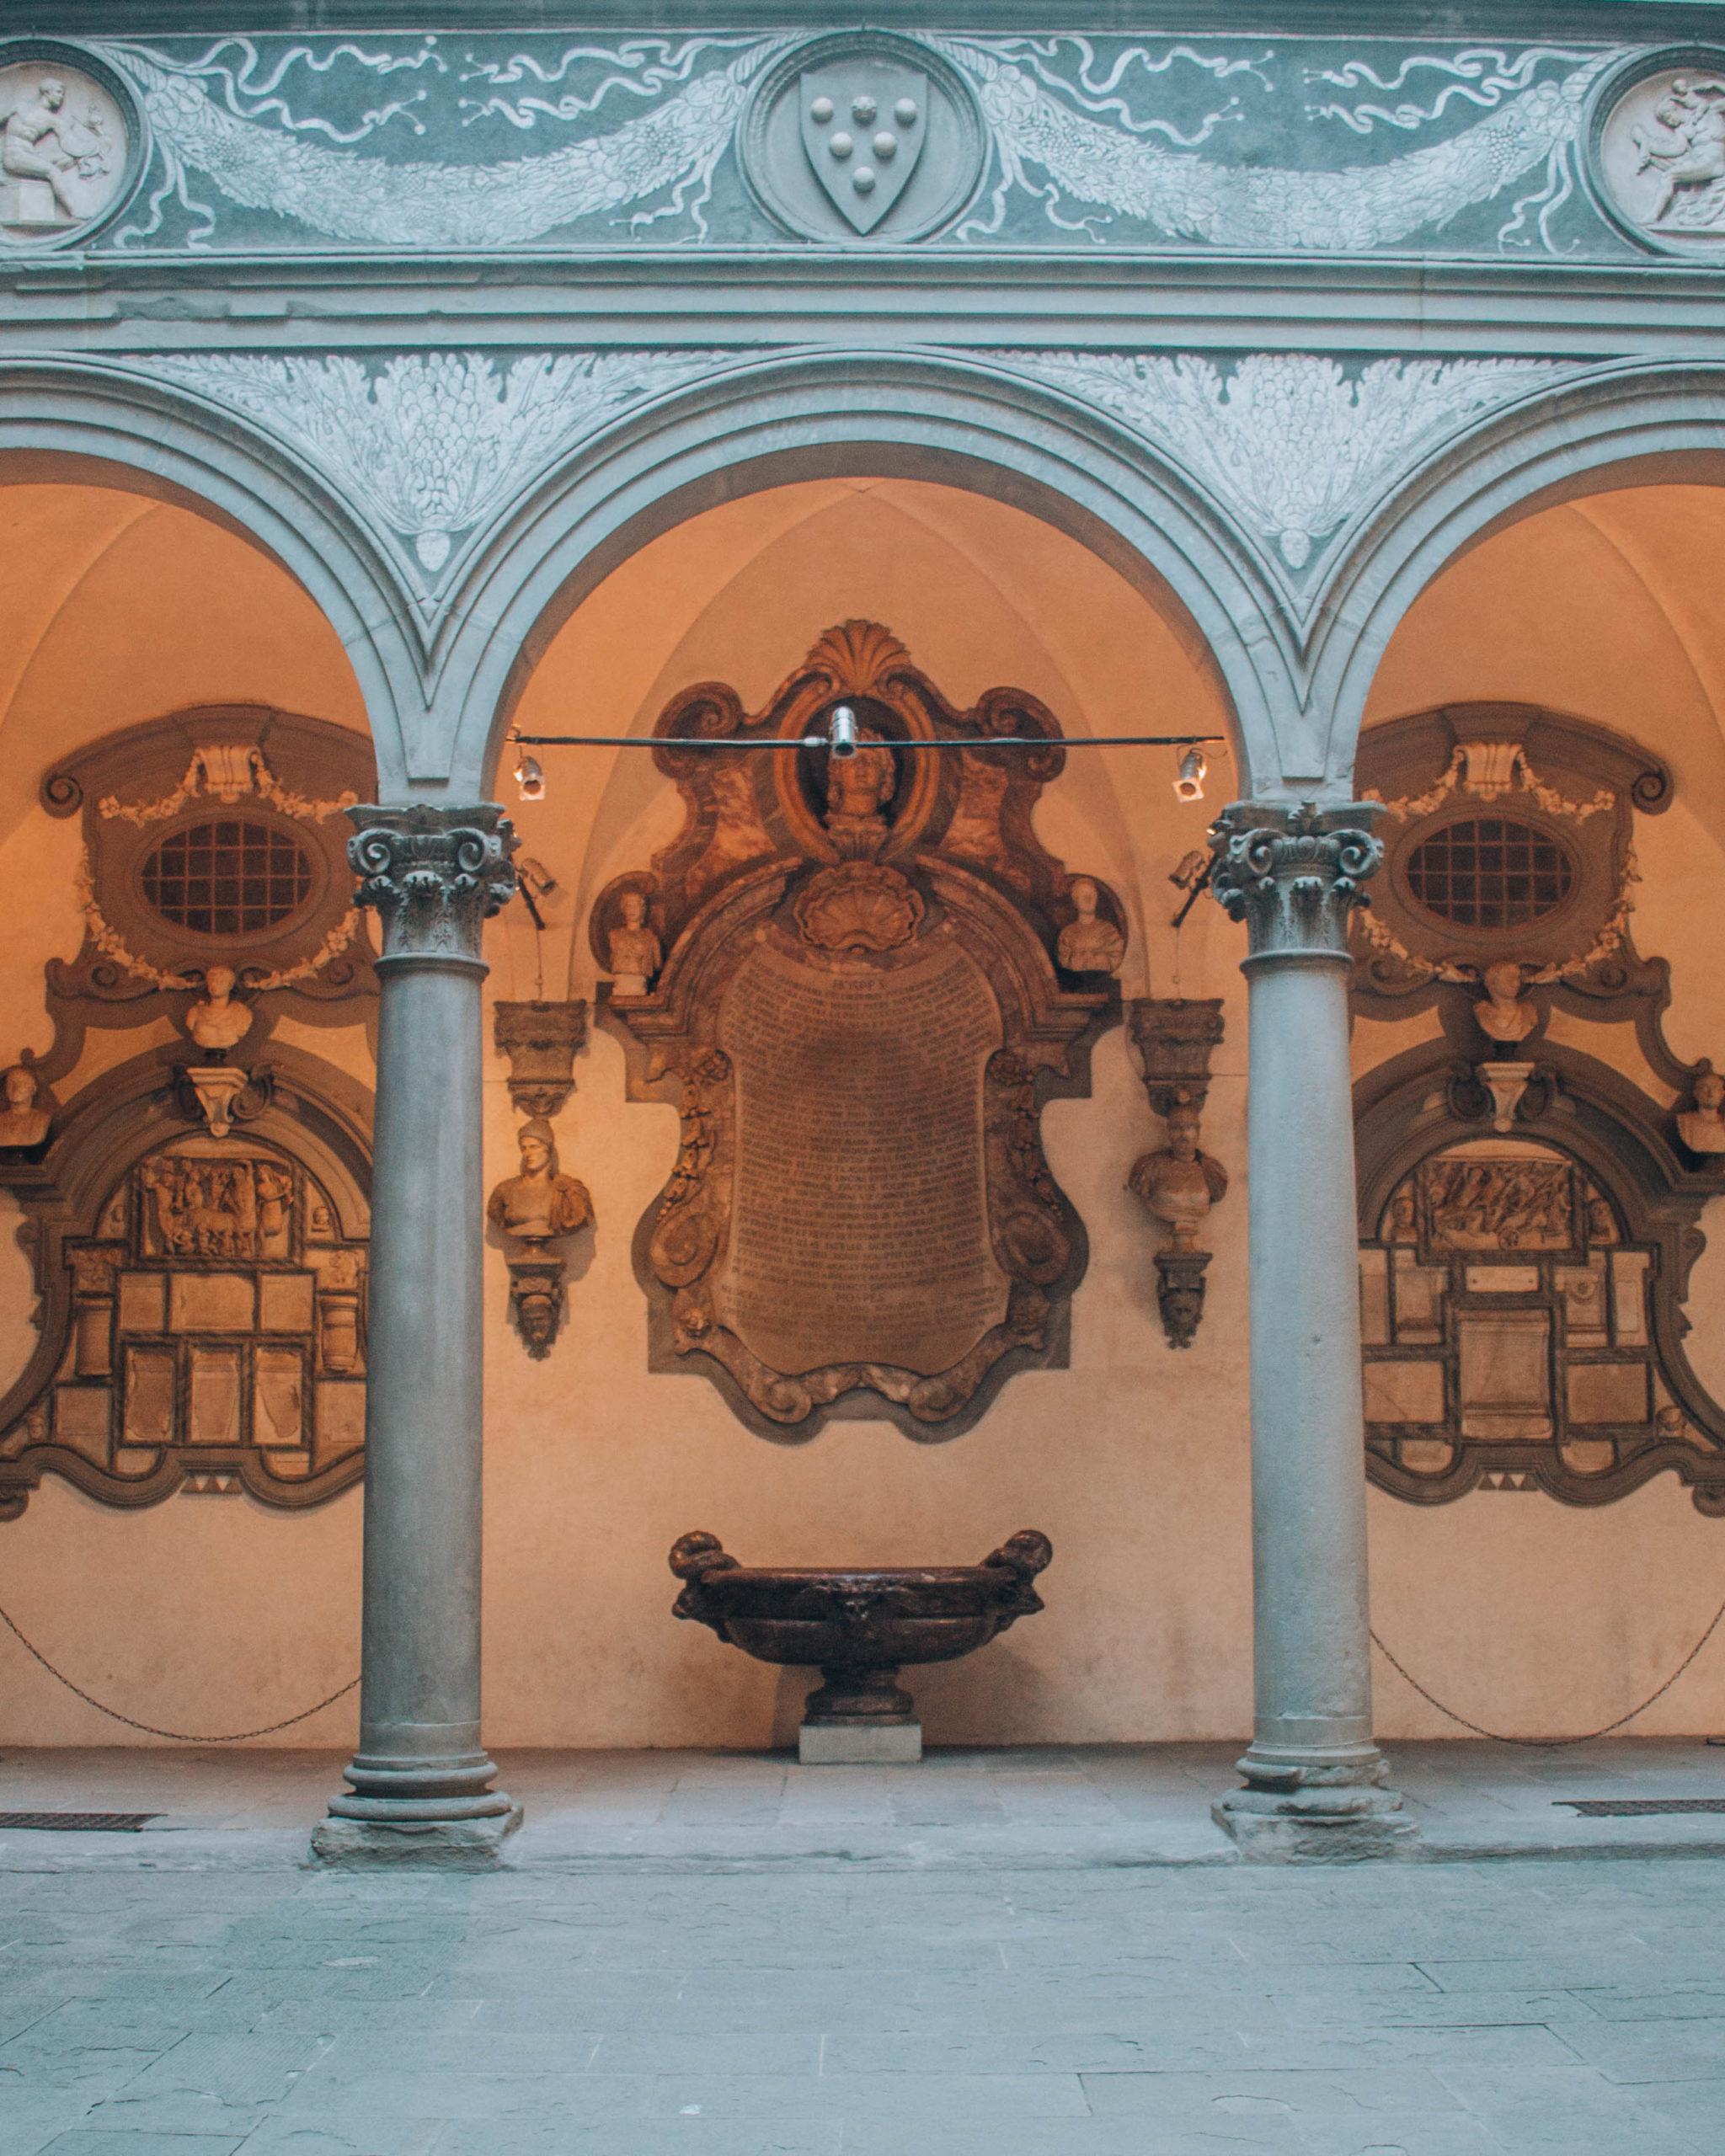 visione frontale del cortile interno di un palazzo signorile fiorentino